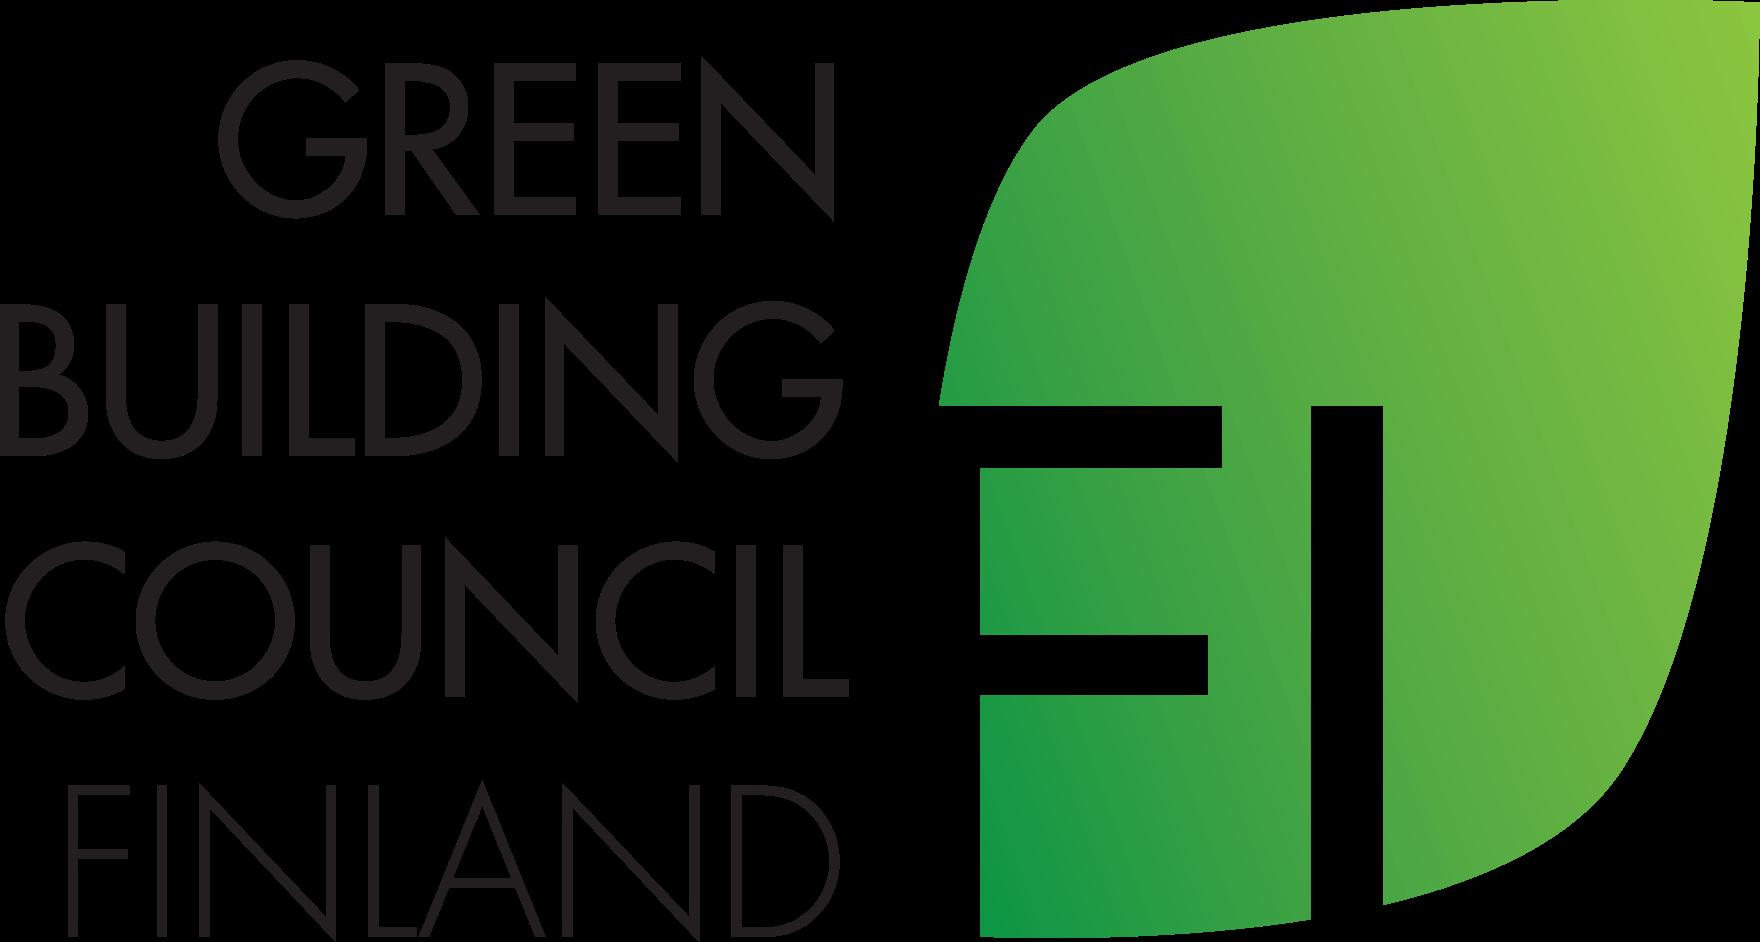 GBCF-logo